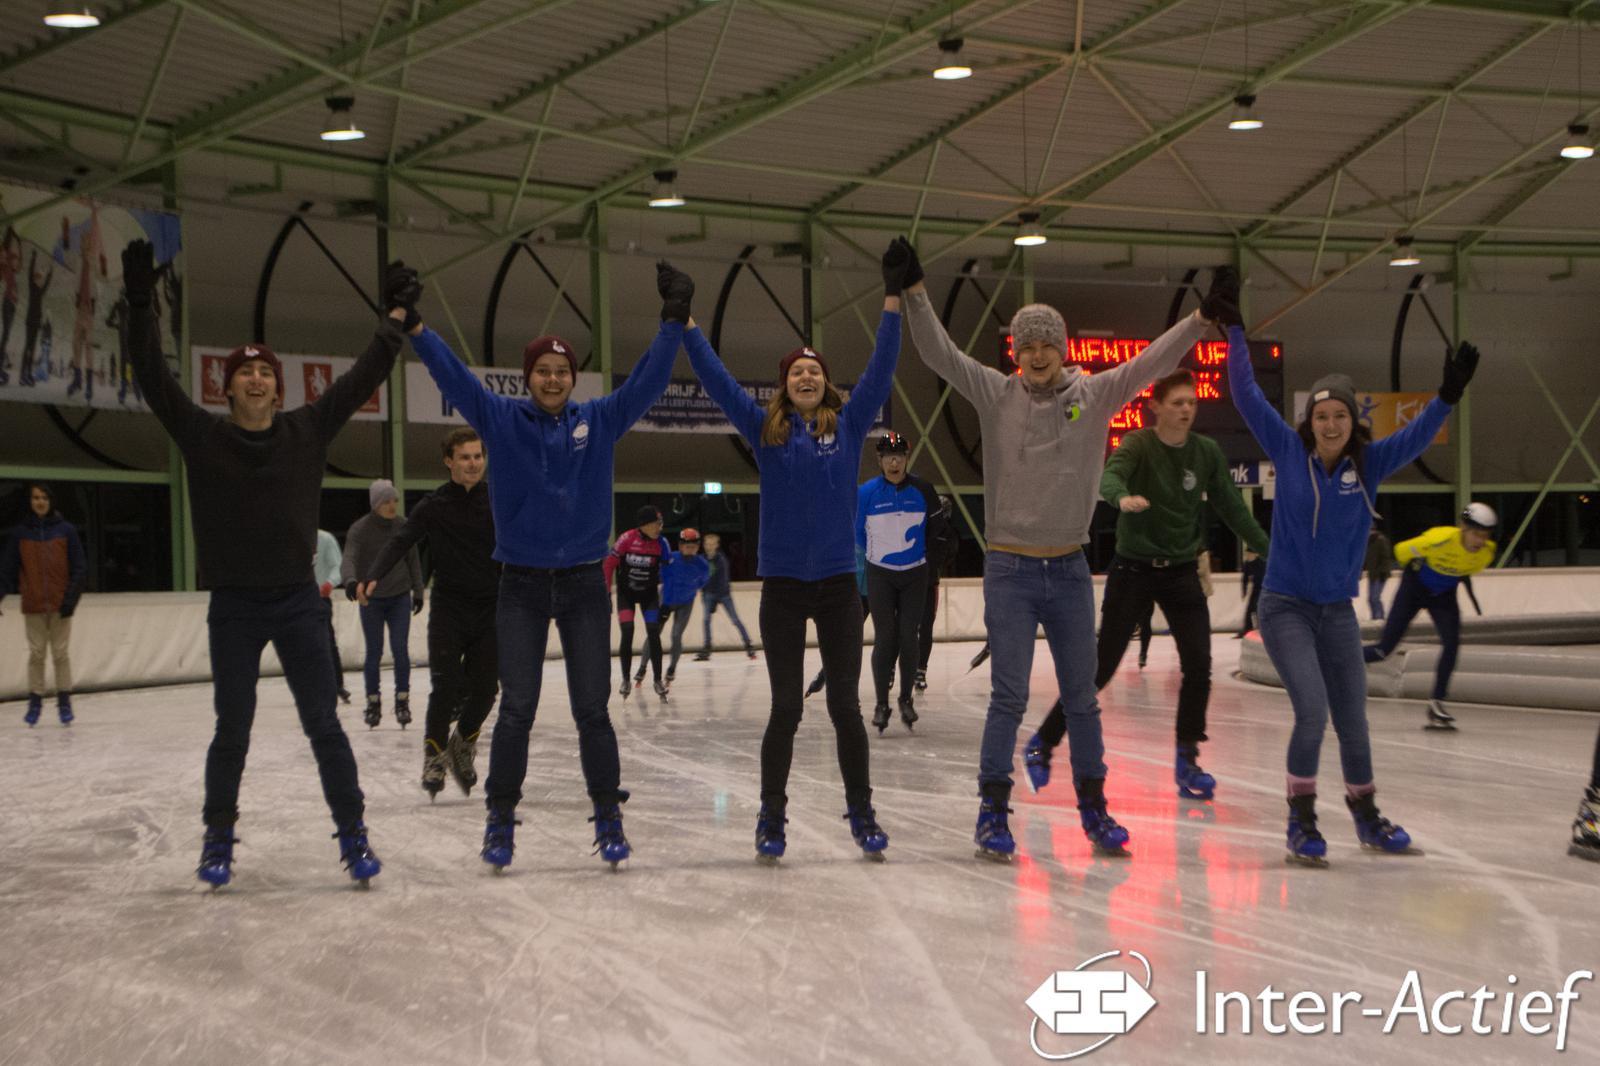 IceSkating20200116_NielsdeGroot-46.jpg